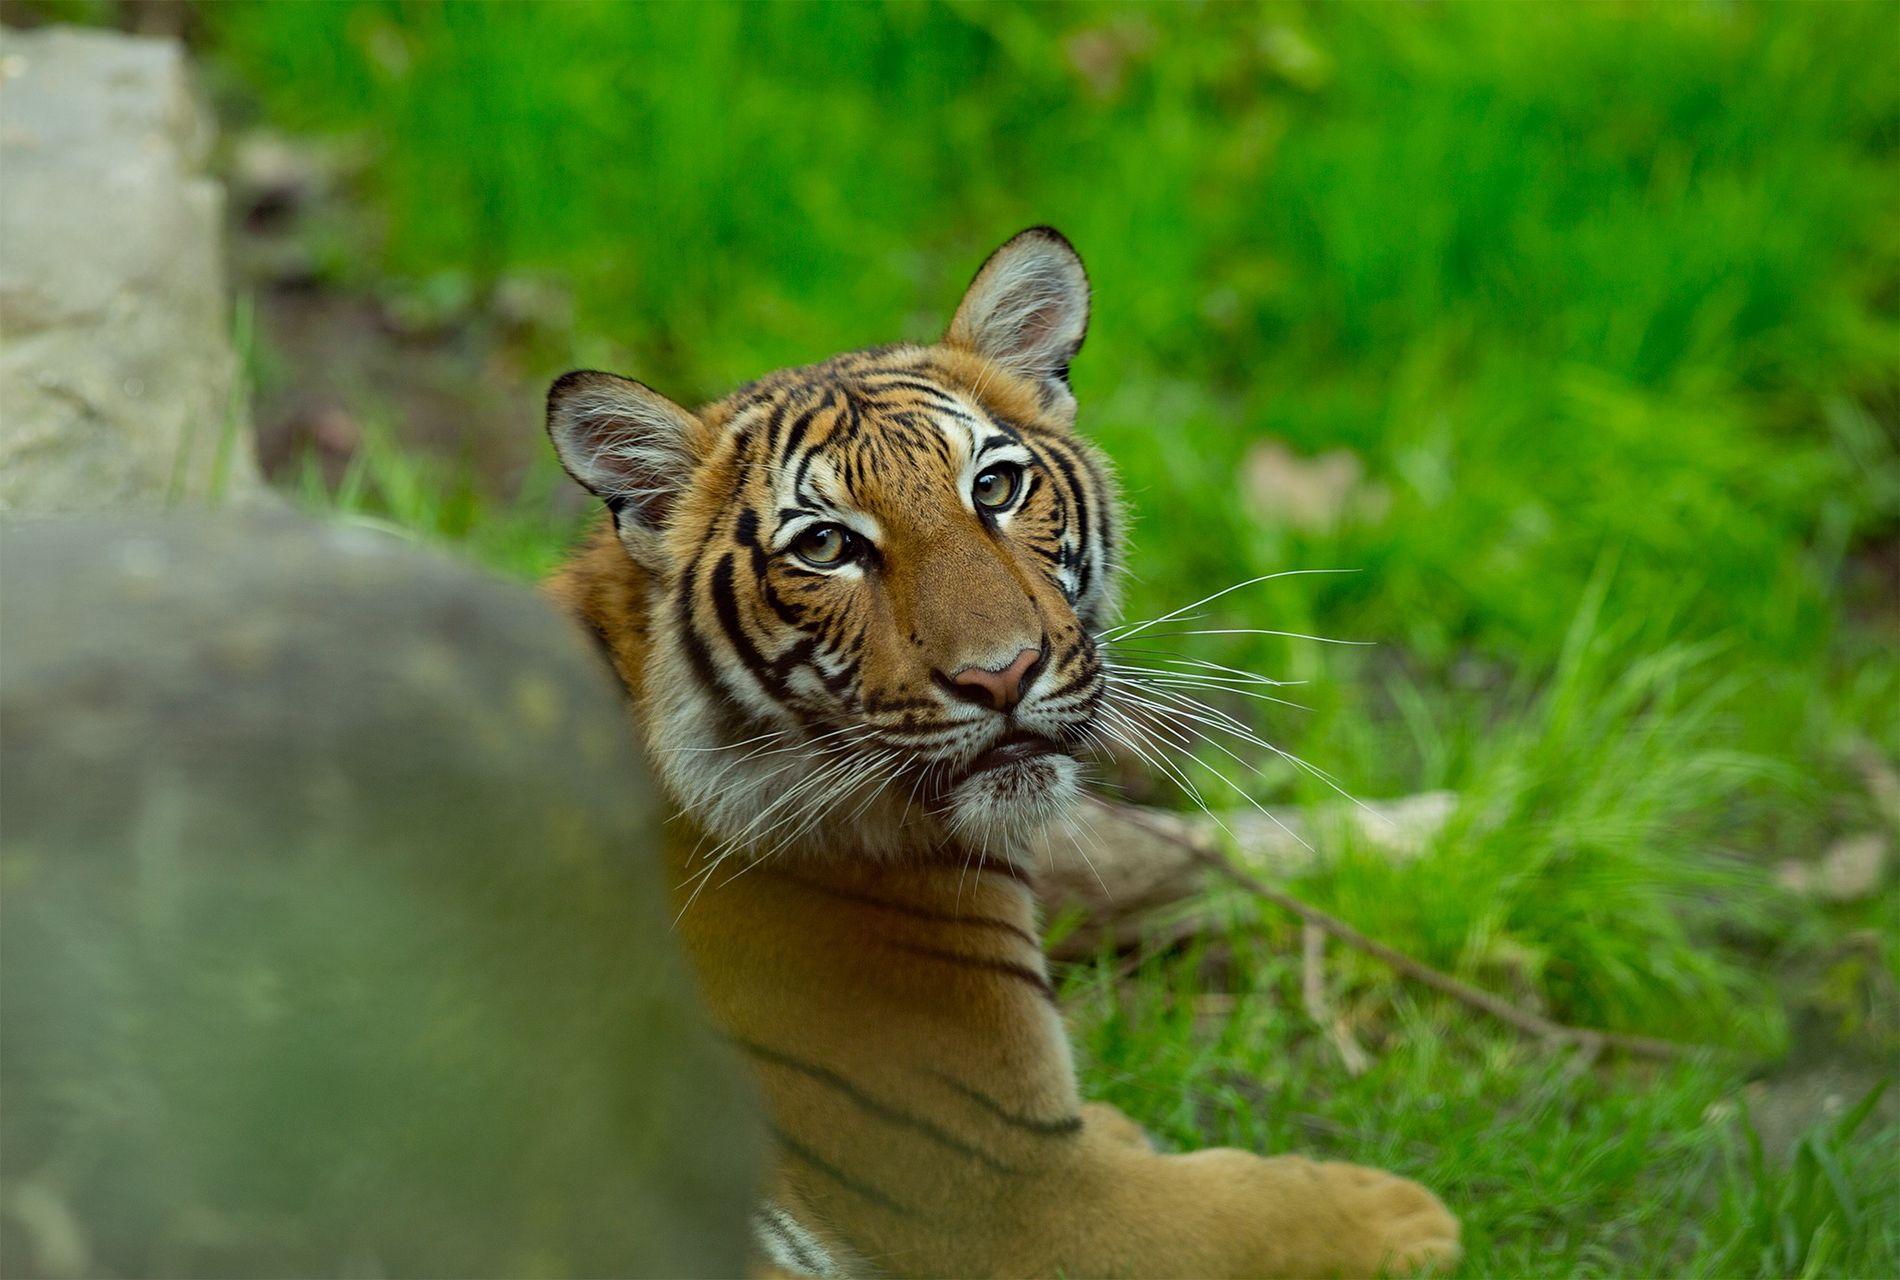 Un tigre da positivo por coronavirus en el Zoológico del Bronx. Este es el primer caso ...